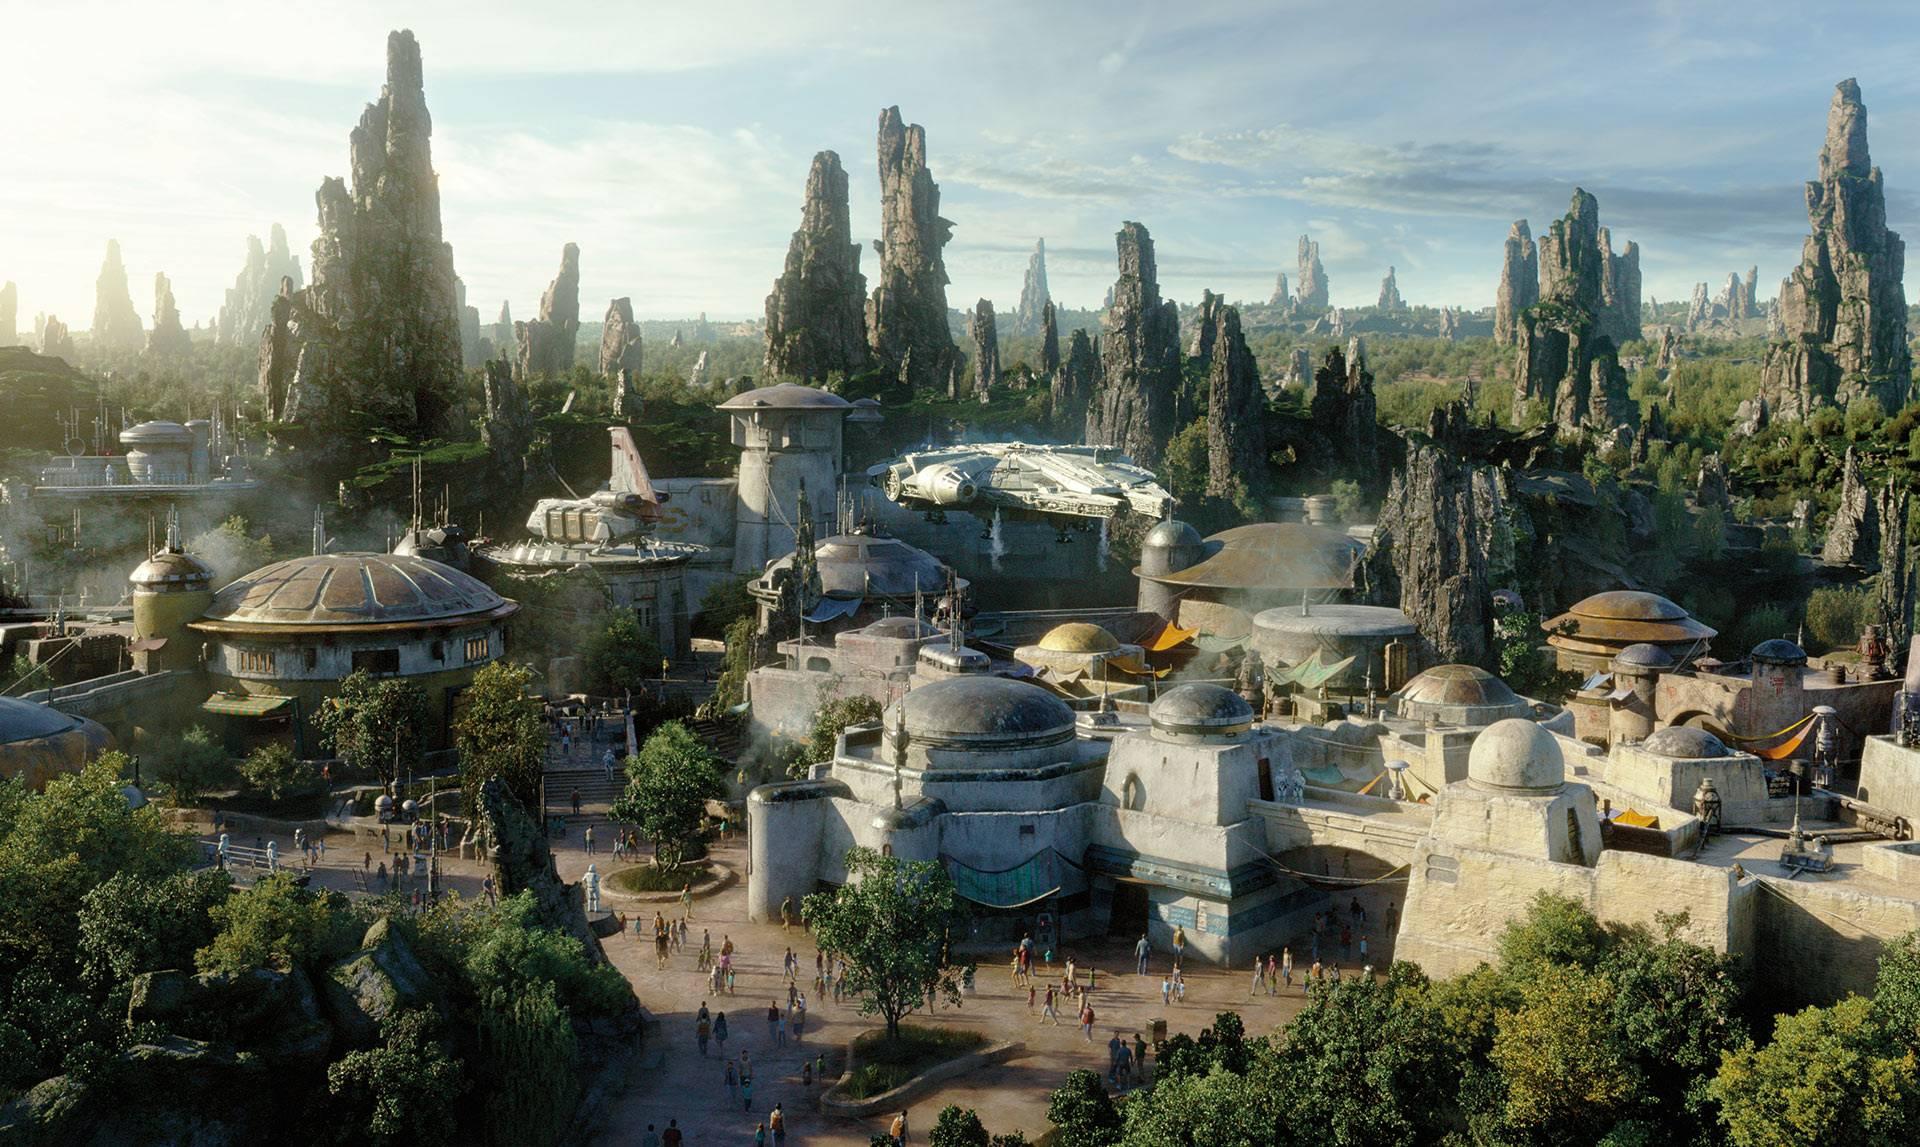 «Диснейленд» по «Звёздным войнам»: что будет в Galaxy's Edge 2